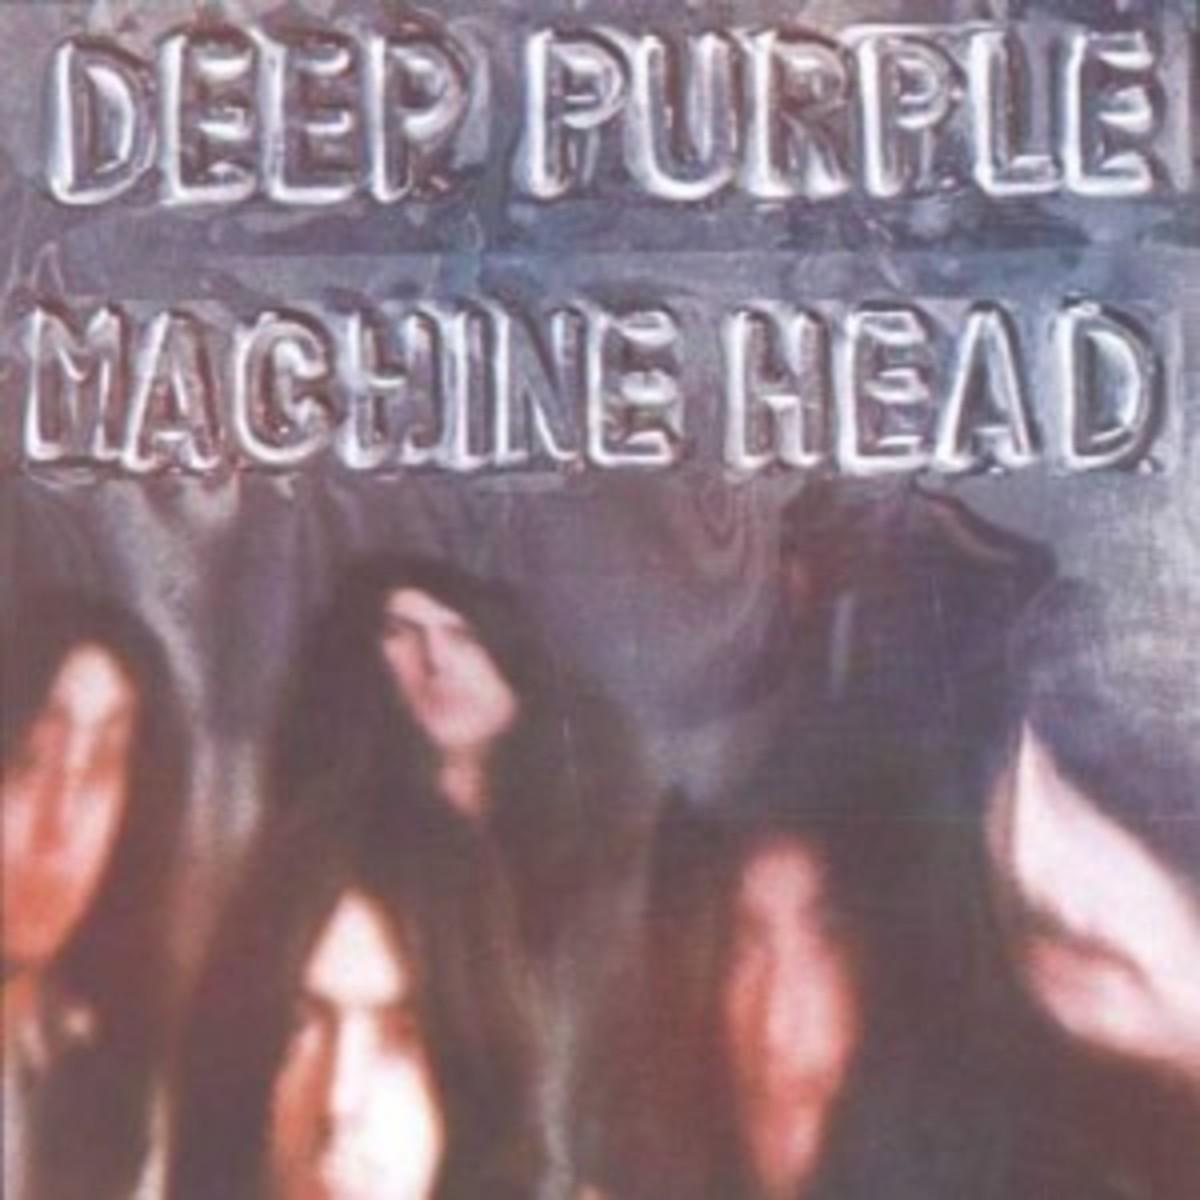 DeepPurple_MachineHead